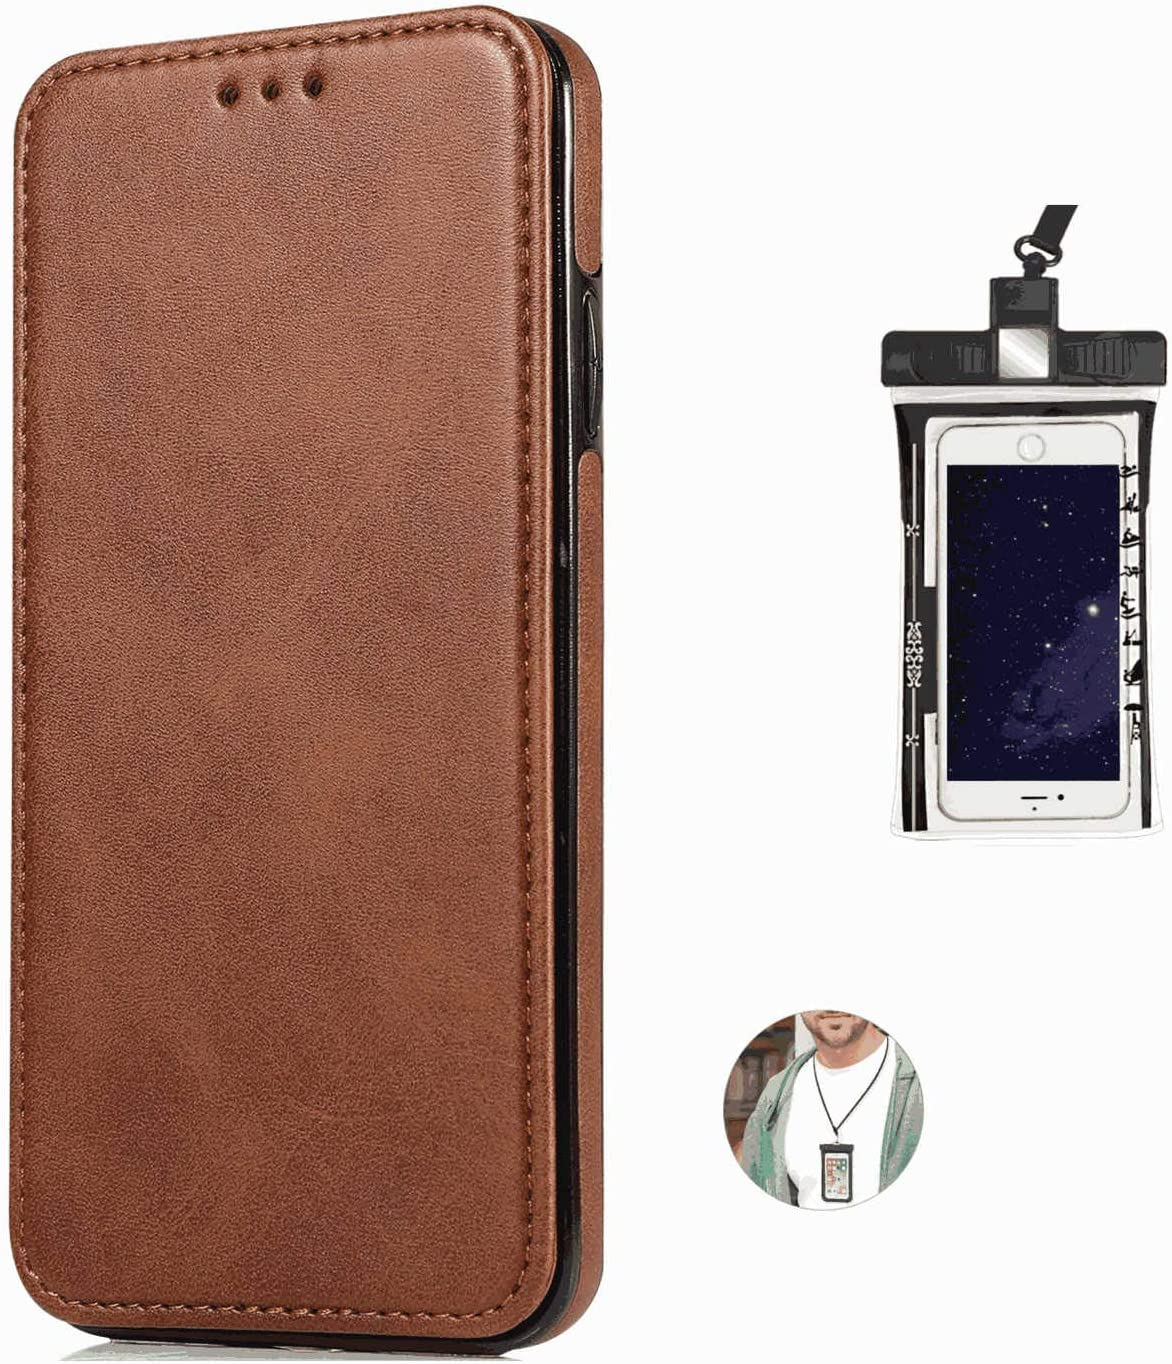 耐汚れ 耐摩擦 Samsung Galaxy S10 PLUS ケース 手帳型 本革 レザー カバー 財布型 スタンド機能 カードポケット 耐摩擦 全面保護 人気 アイフォン[無料付防水ポーチケース]